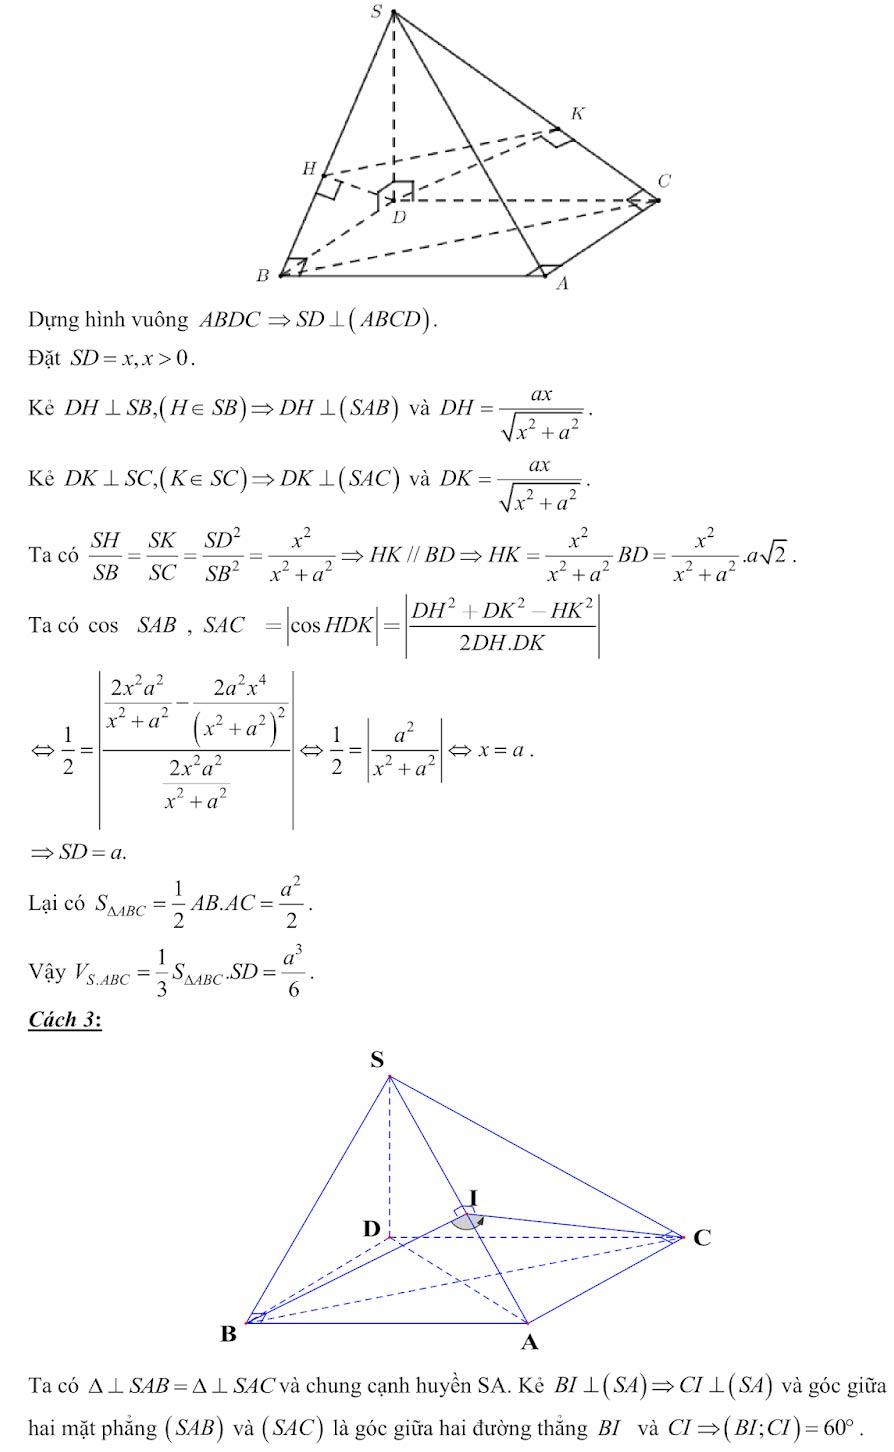 Đáp án đề minh họa thi thpt quốc gia môn toán 2020 lần 1_22